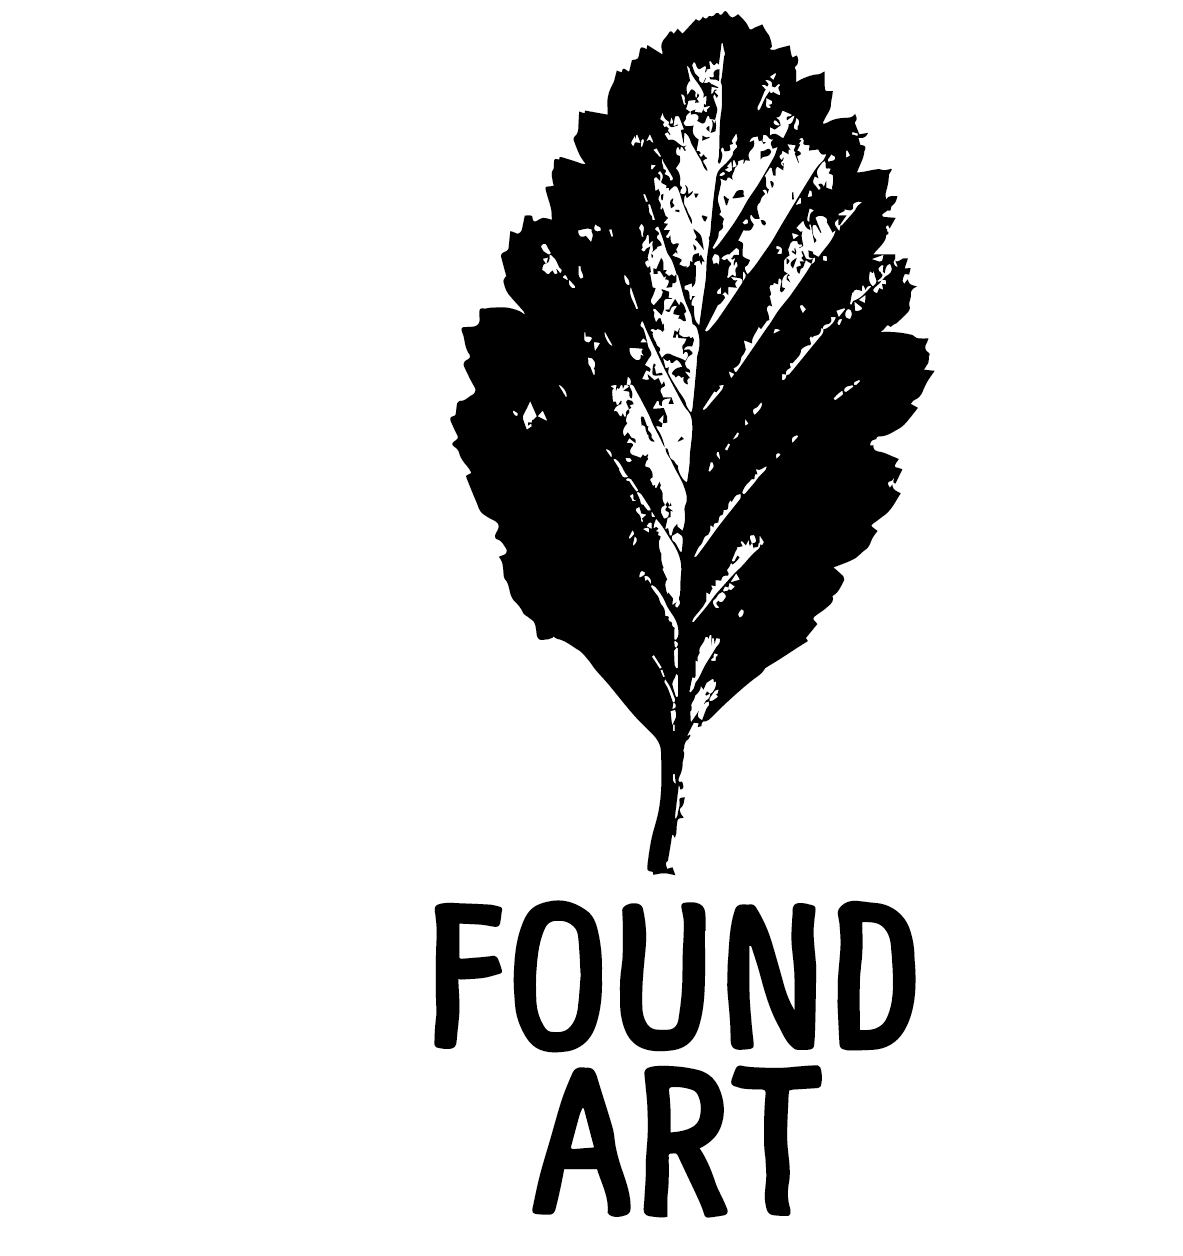 FOUND ART